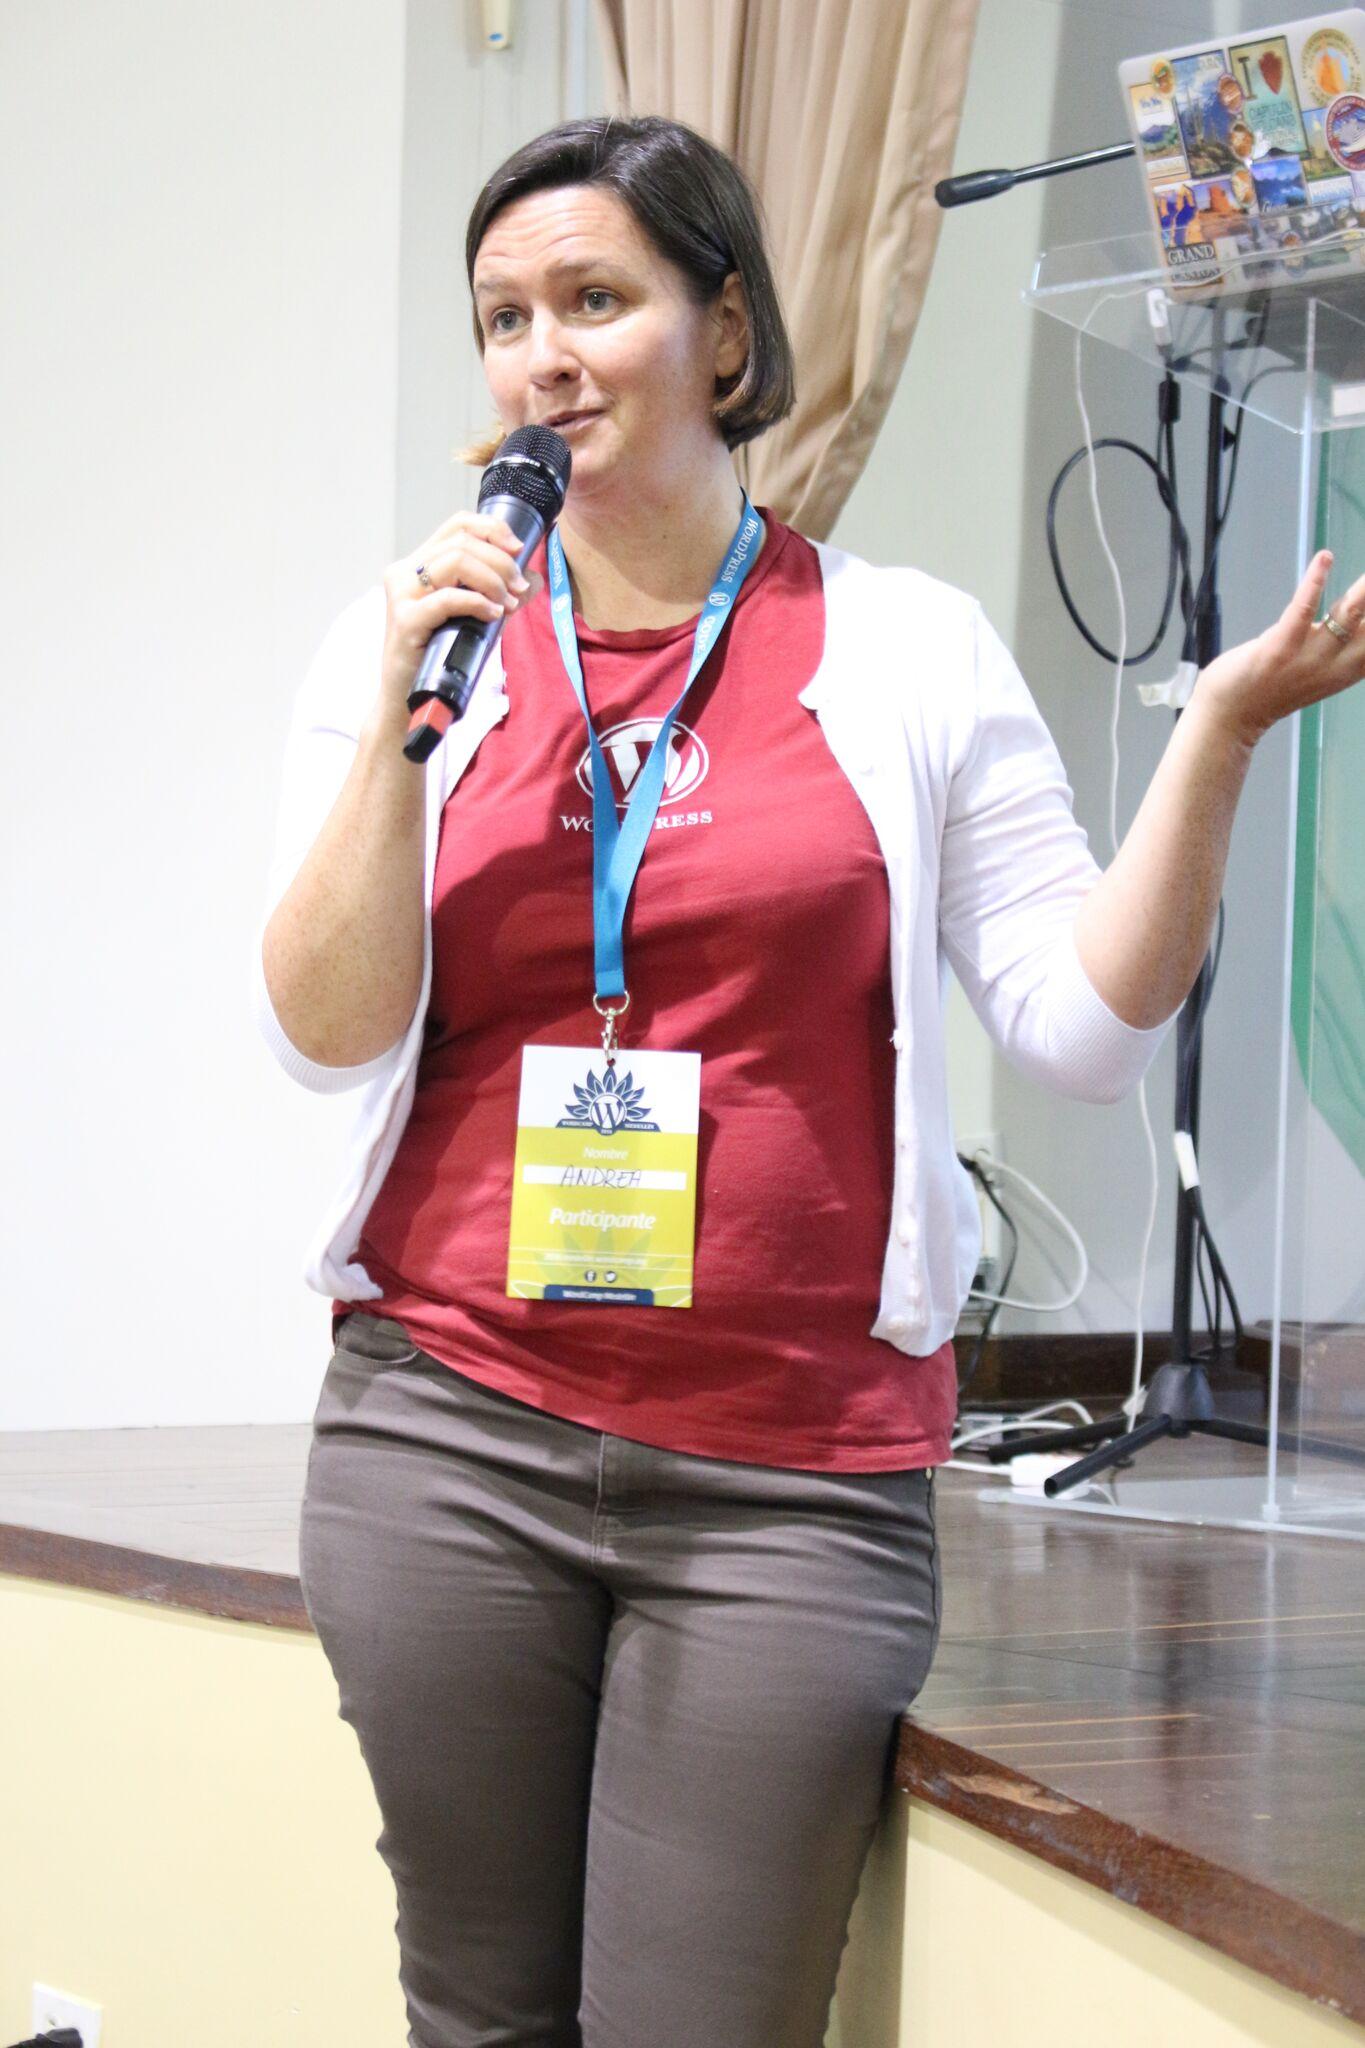 Andrea medellin